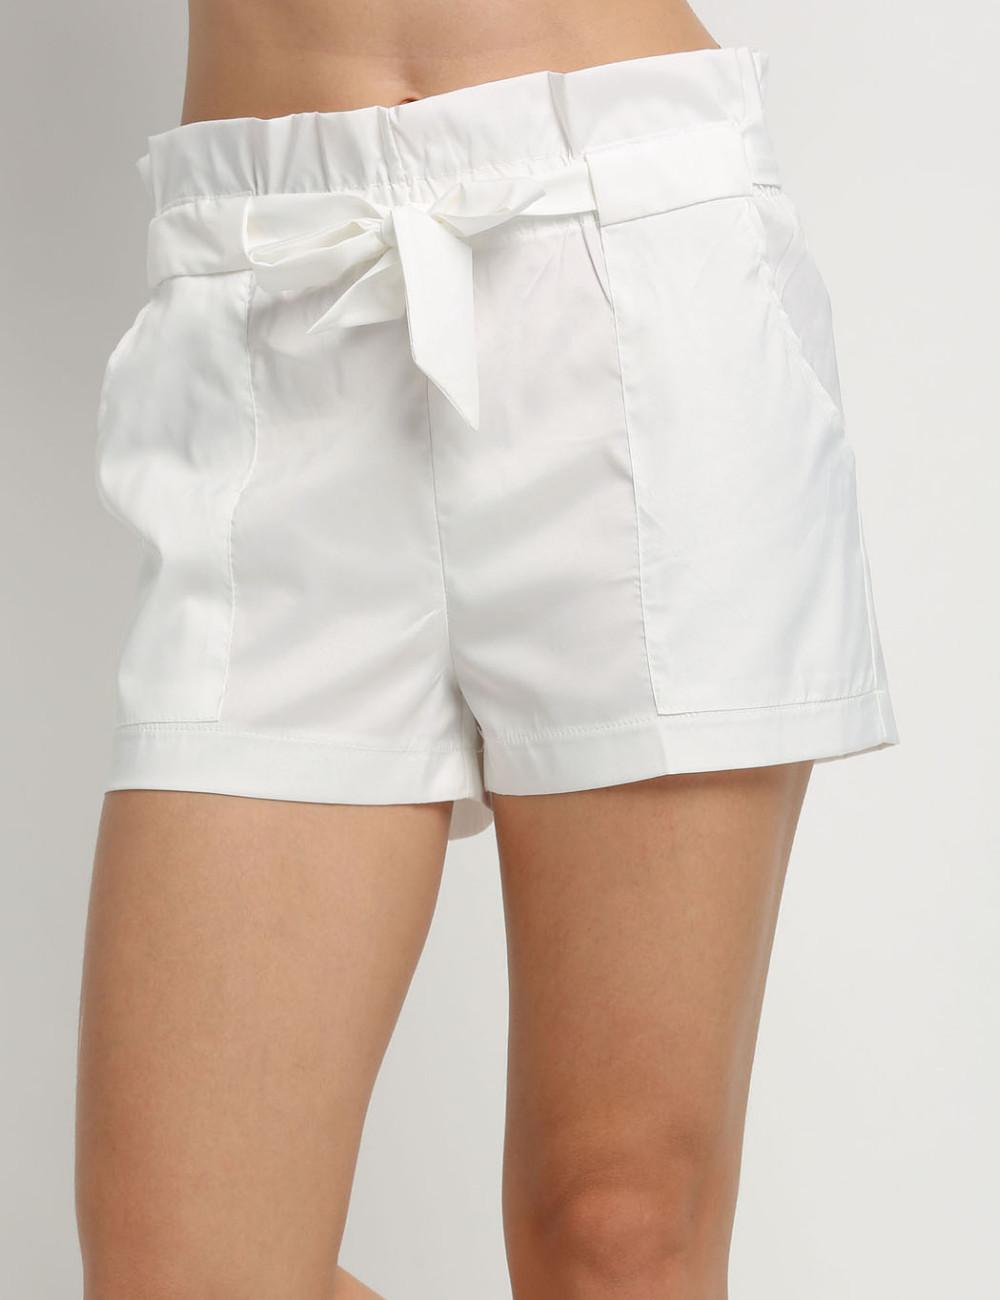 high waist shorts women (11)